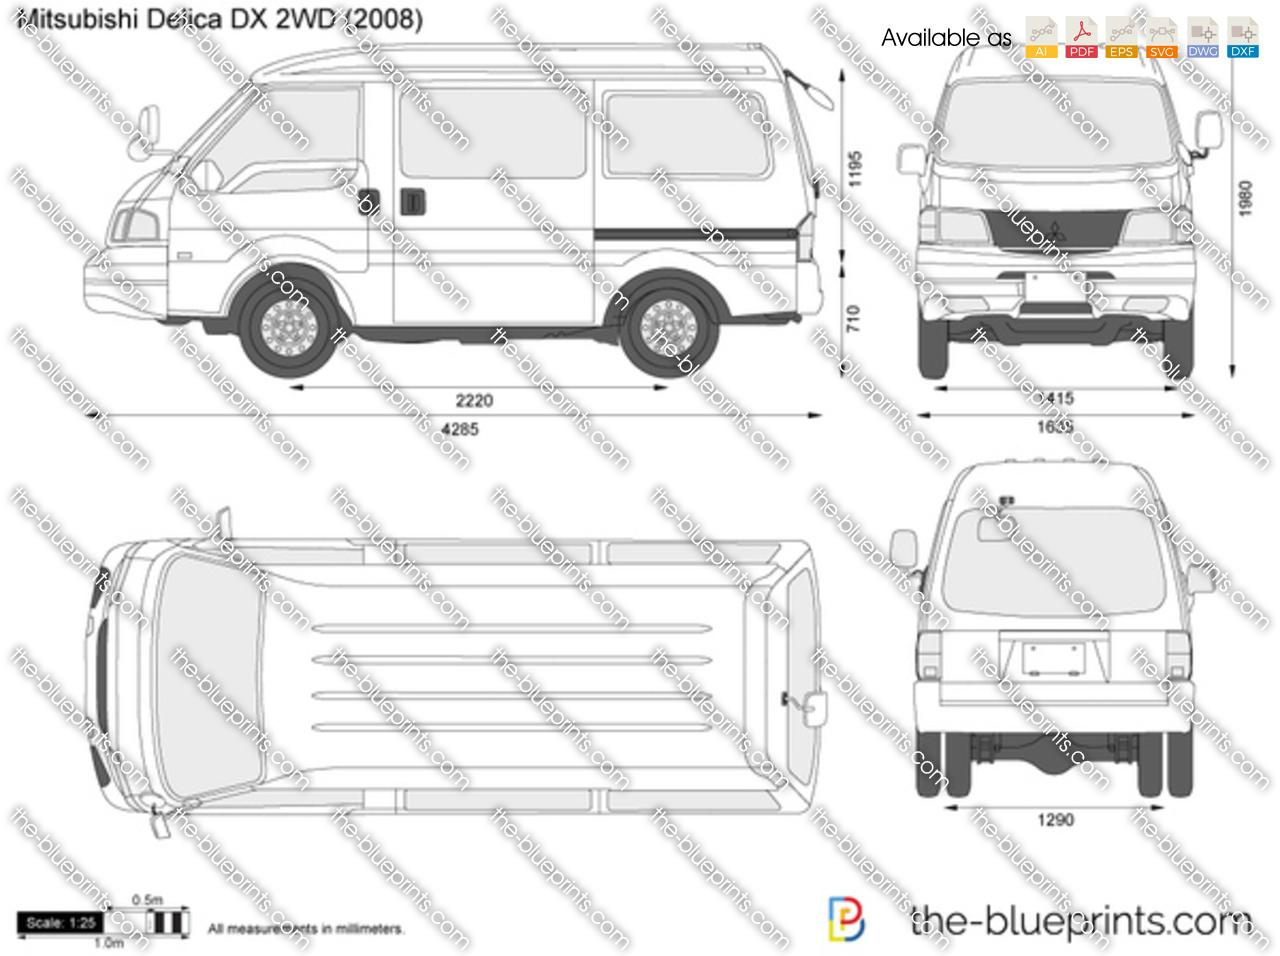 Mitsubishi Delica DX 2WD 1989